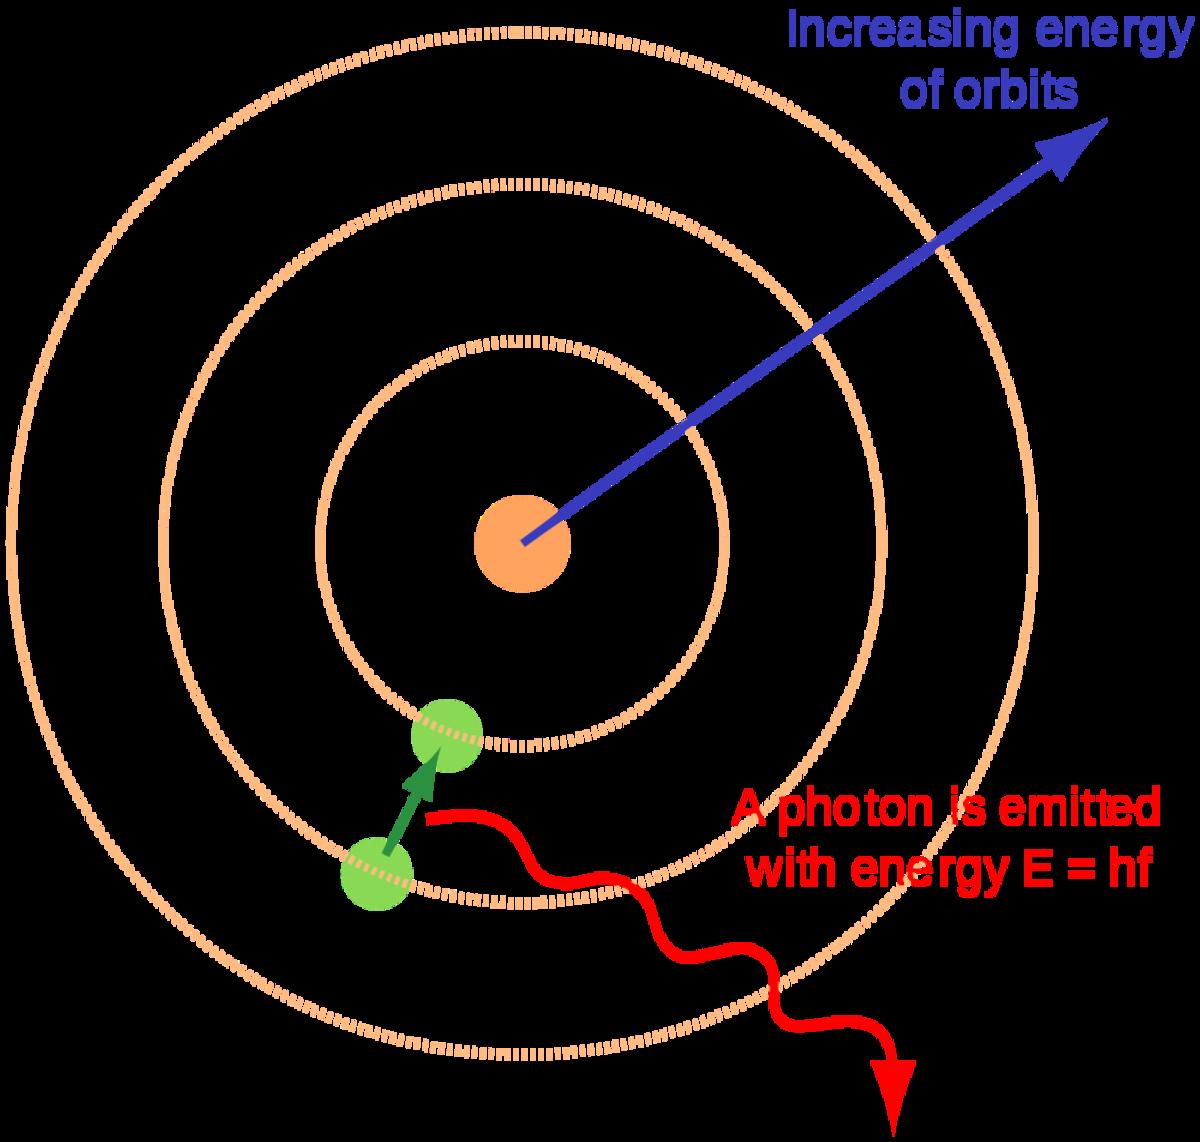 Niel Bohr's Atomic Model